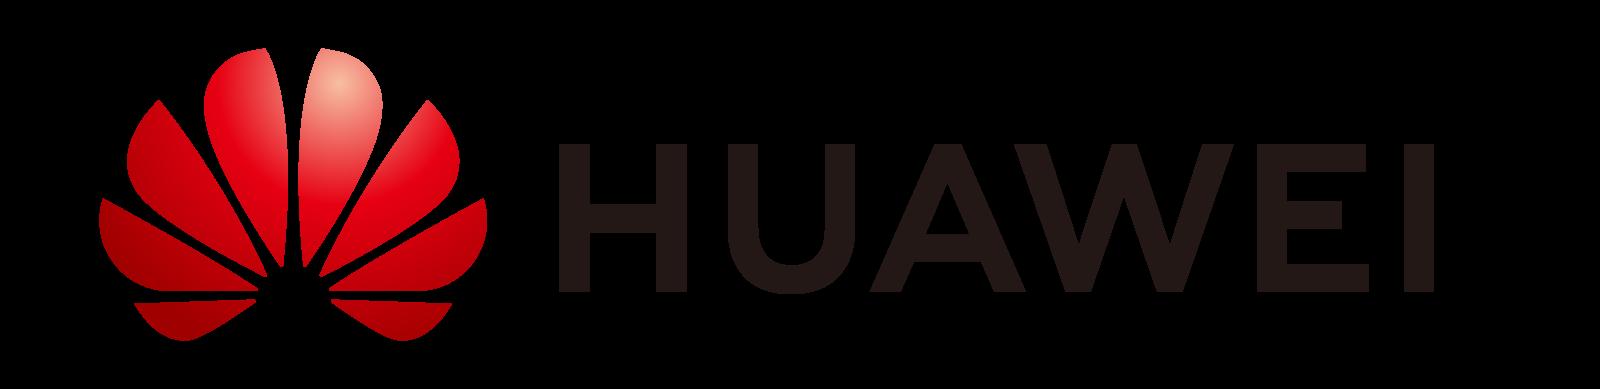 華為技術日本株式会社